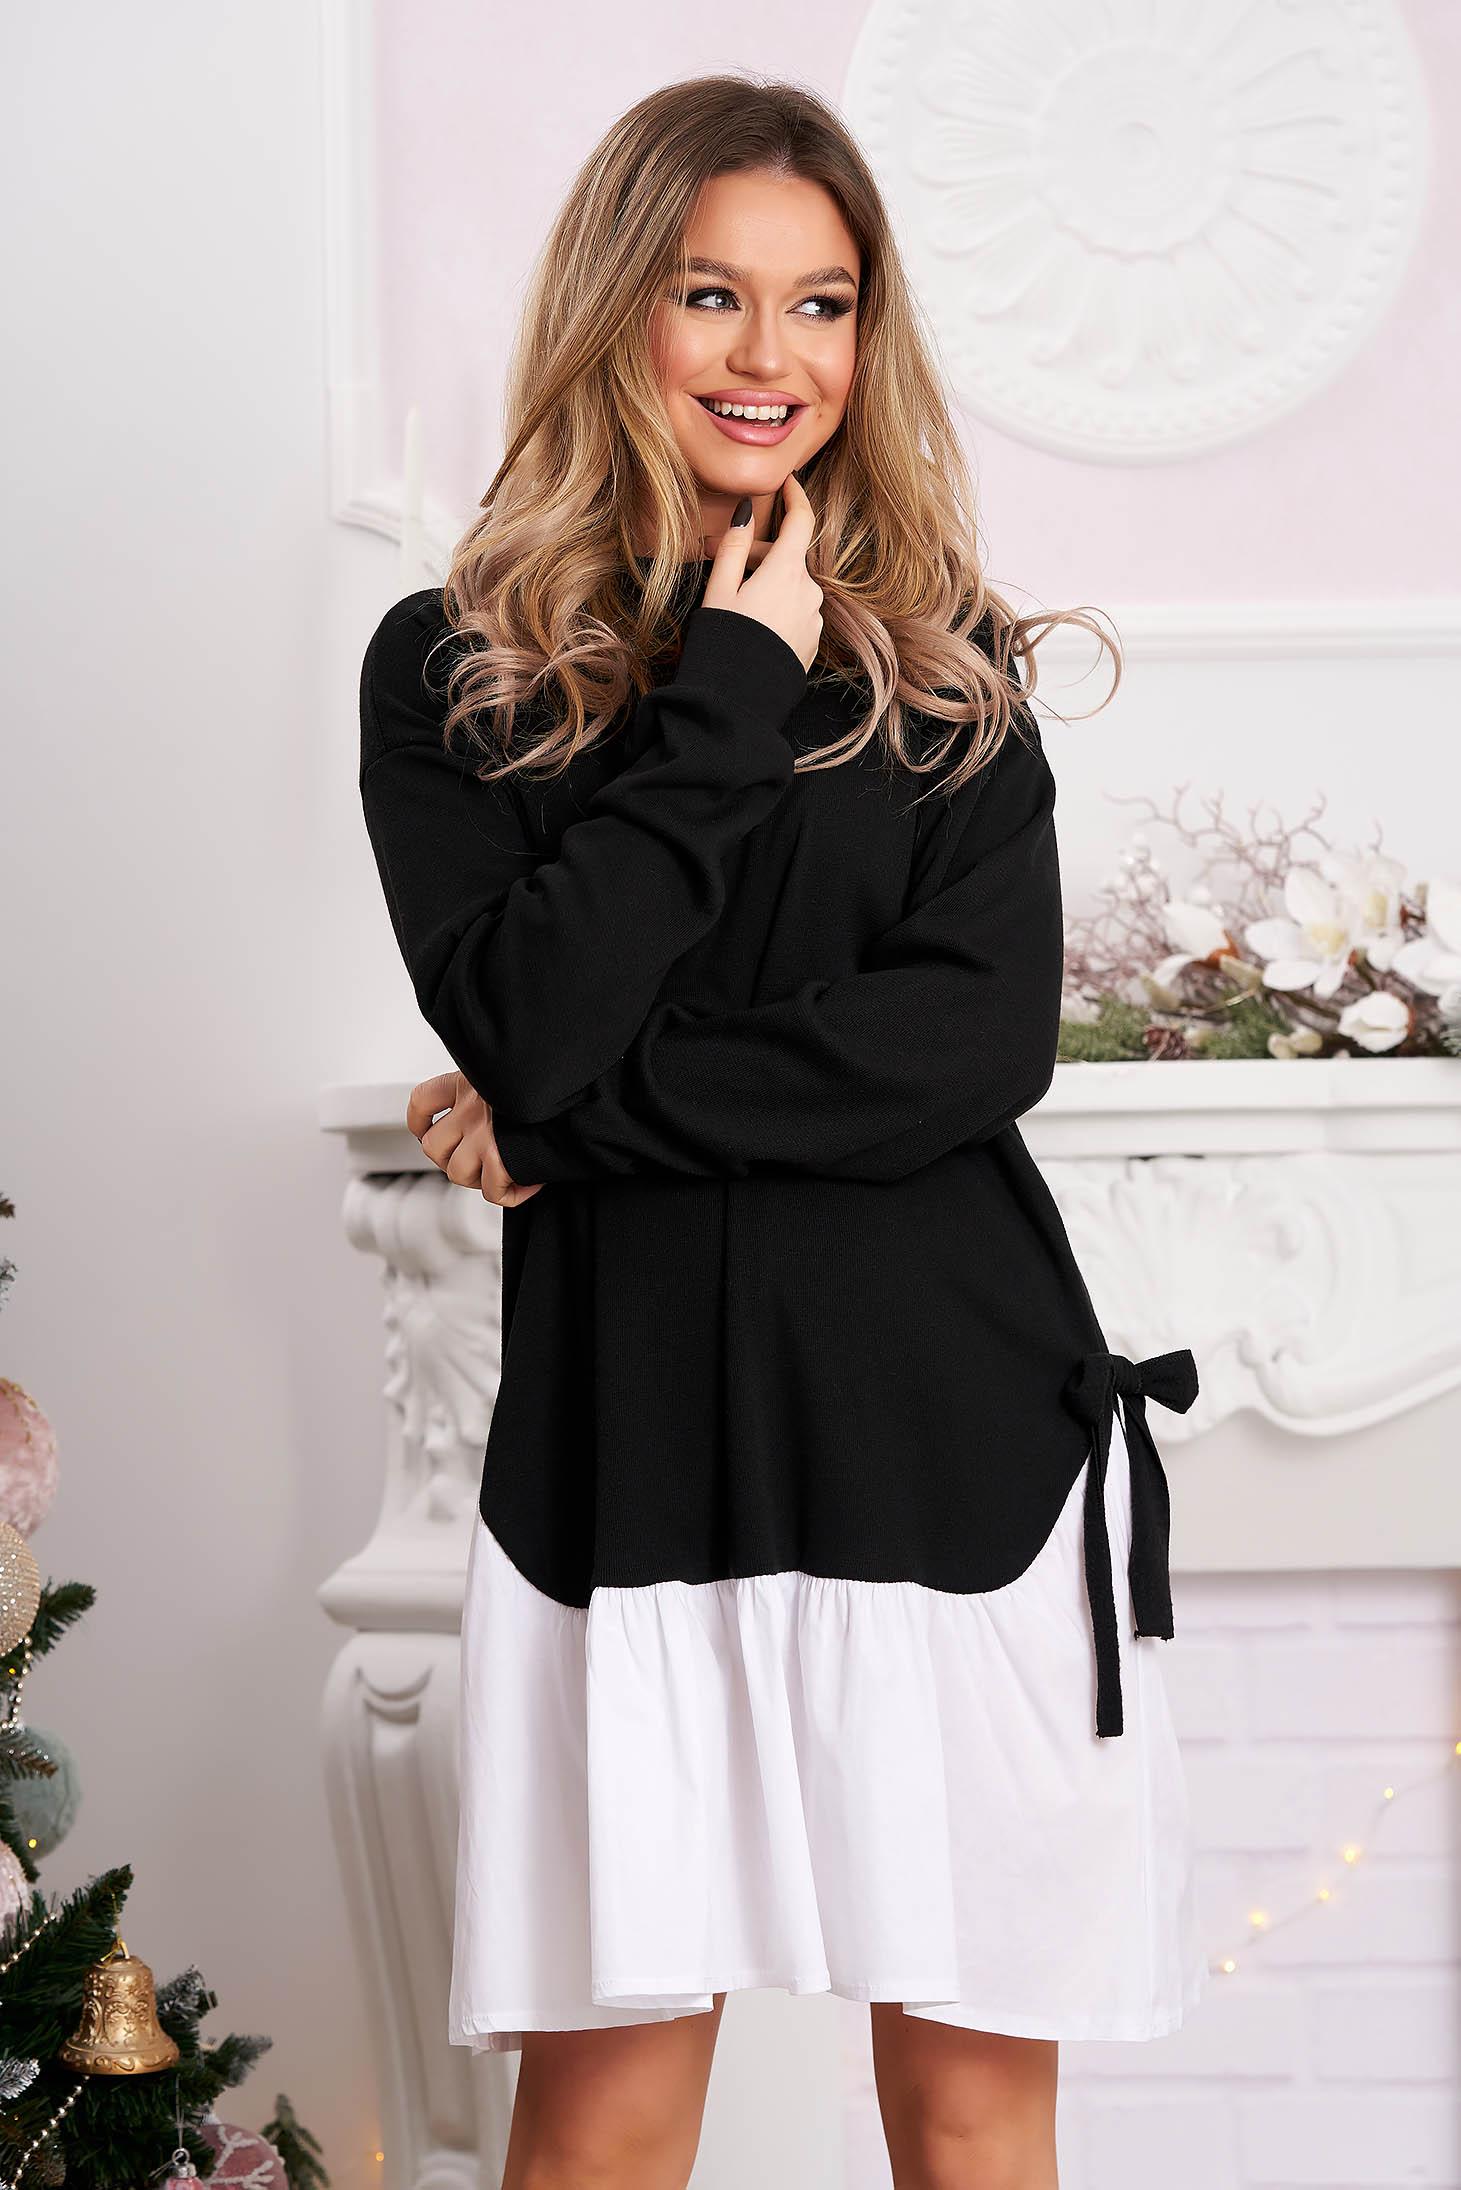 Rochie SunShine neagra casual scurta cu croi larg accesorizata cu fundite